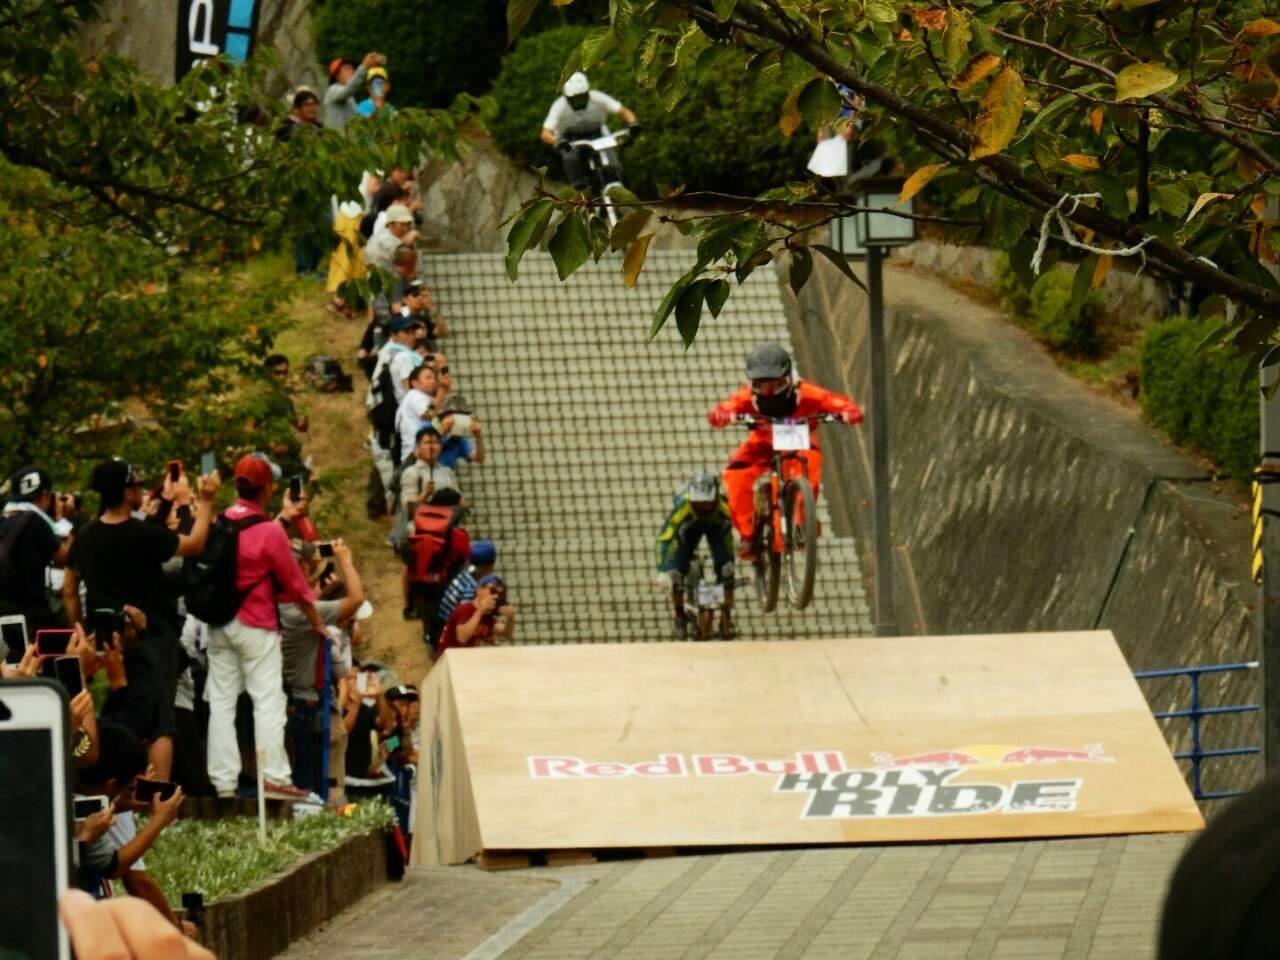 Red Bull Holy Ride(レッドブル・ホーリーライド)2016 広島県尾道市 千光寺 公園 山 MTB マウンテンバイク ダウンヒル レース 広島県福山市 FINE fine ファイン